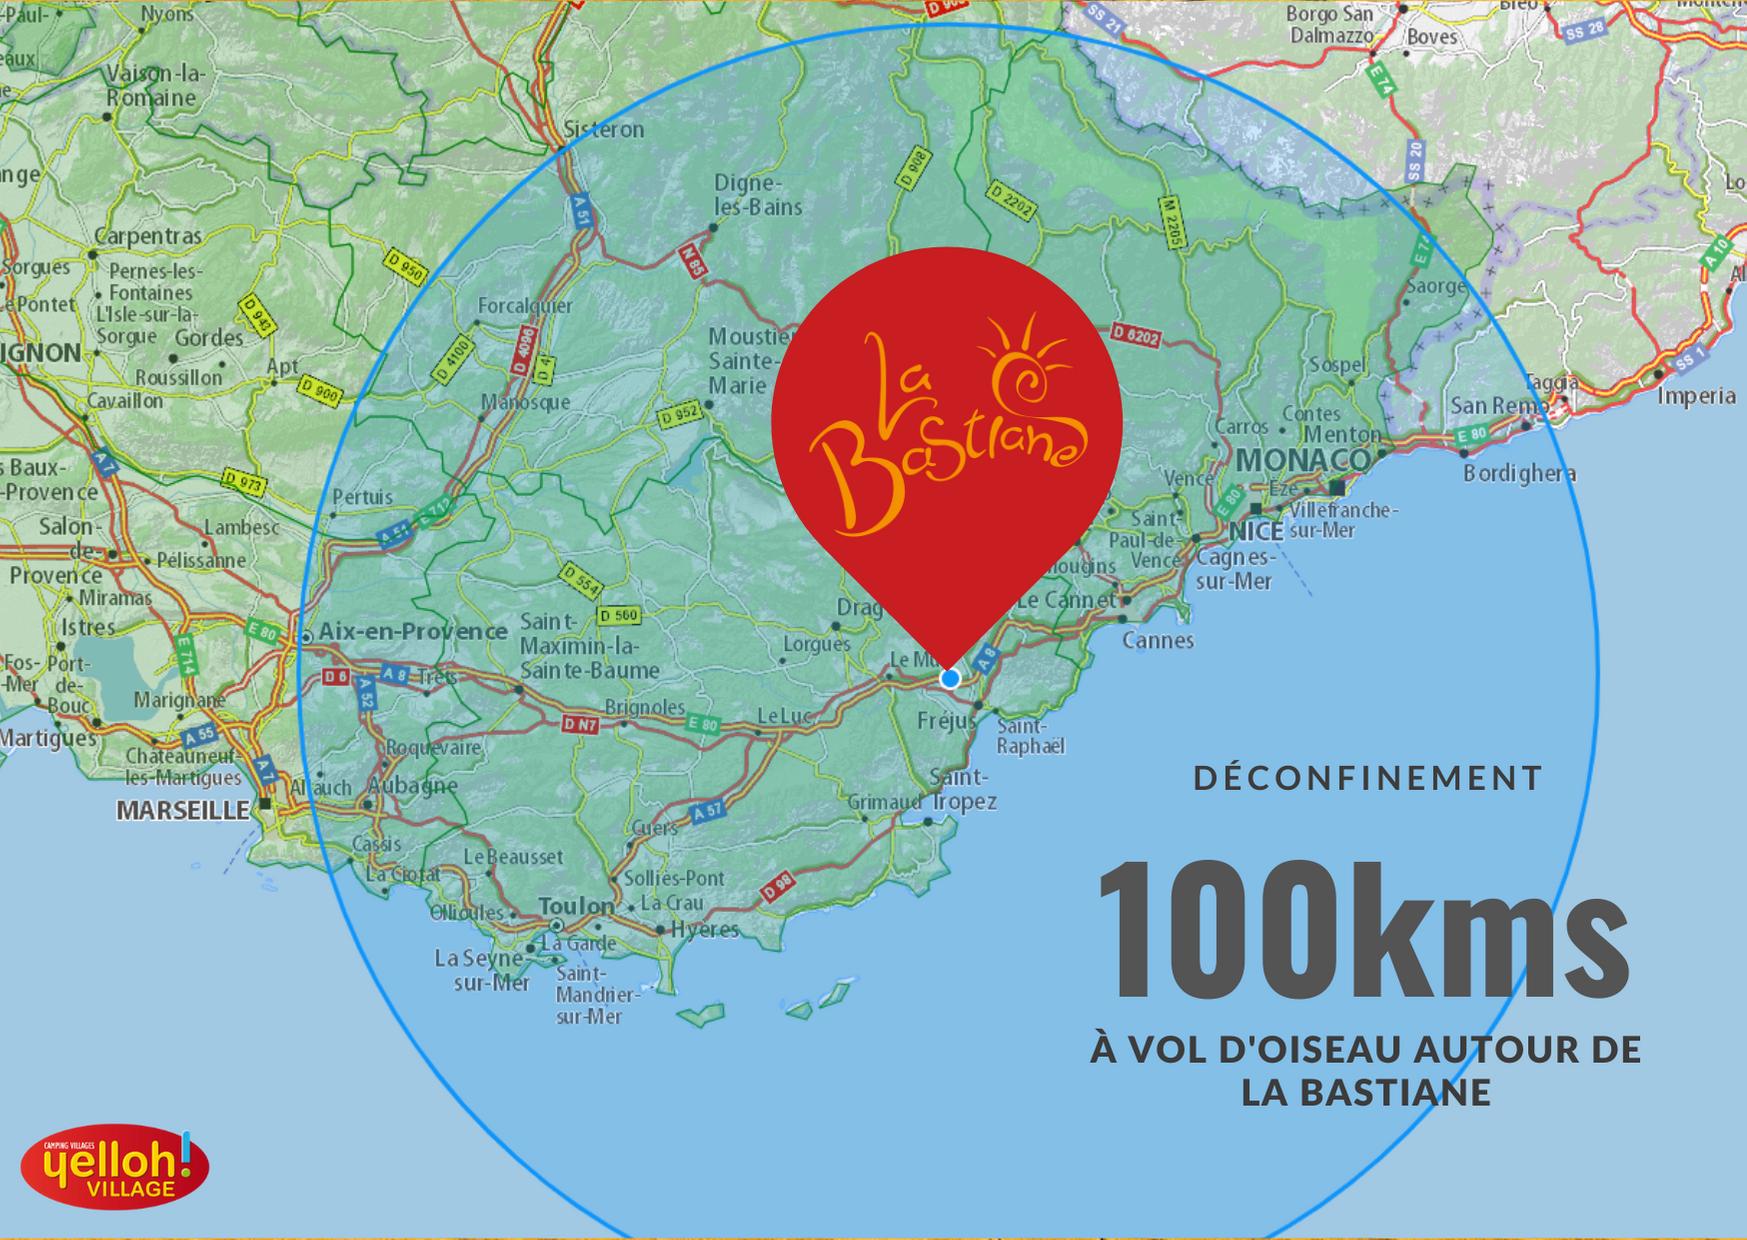 déconfinement 100kms